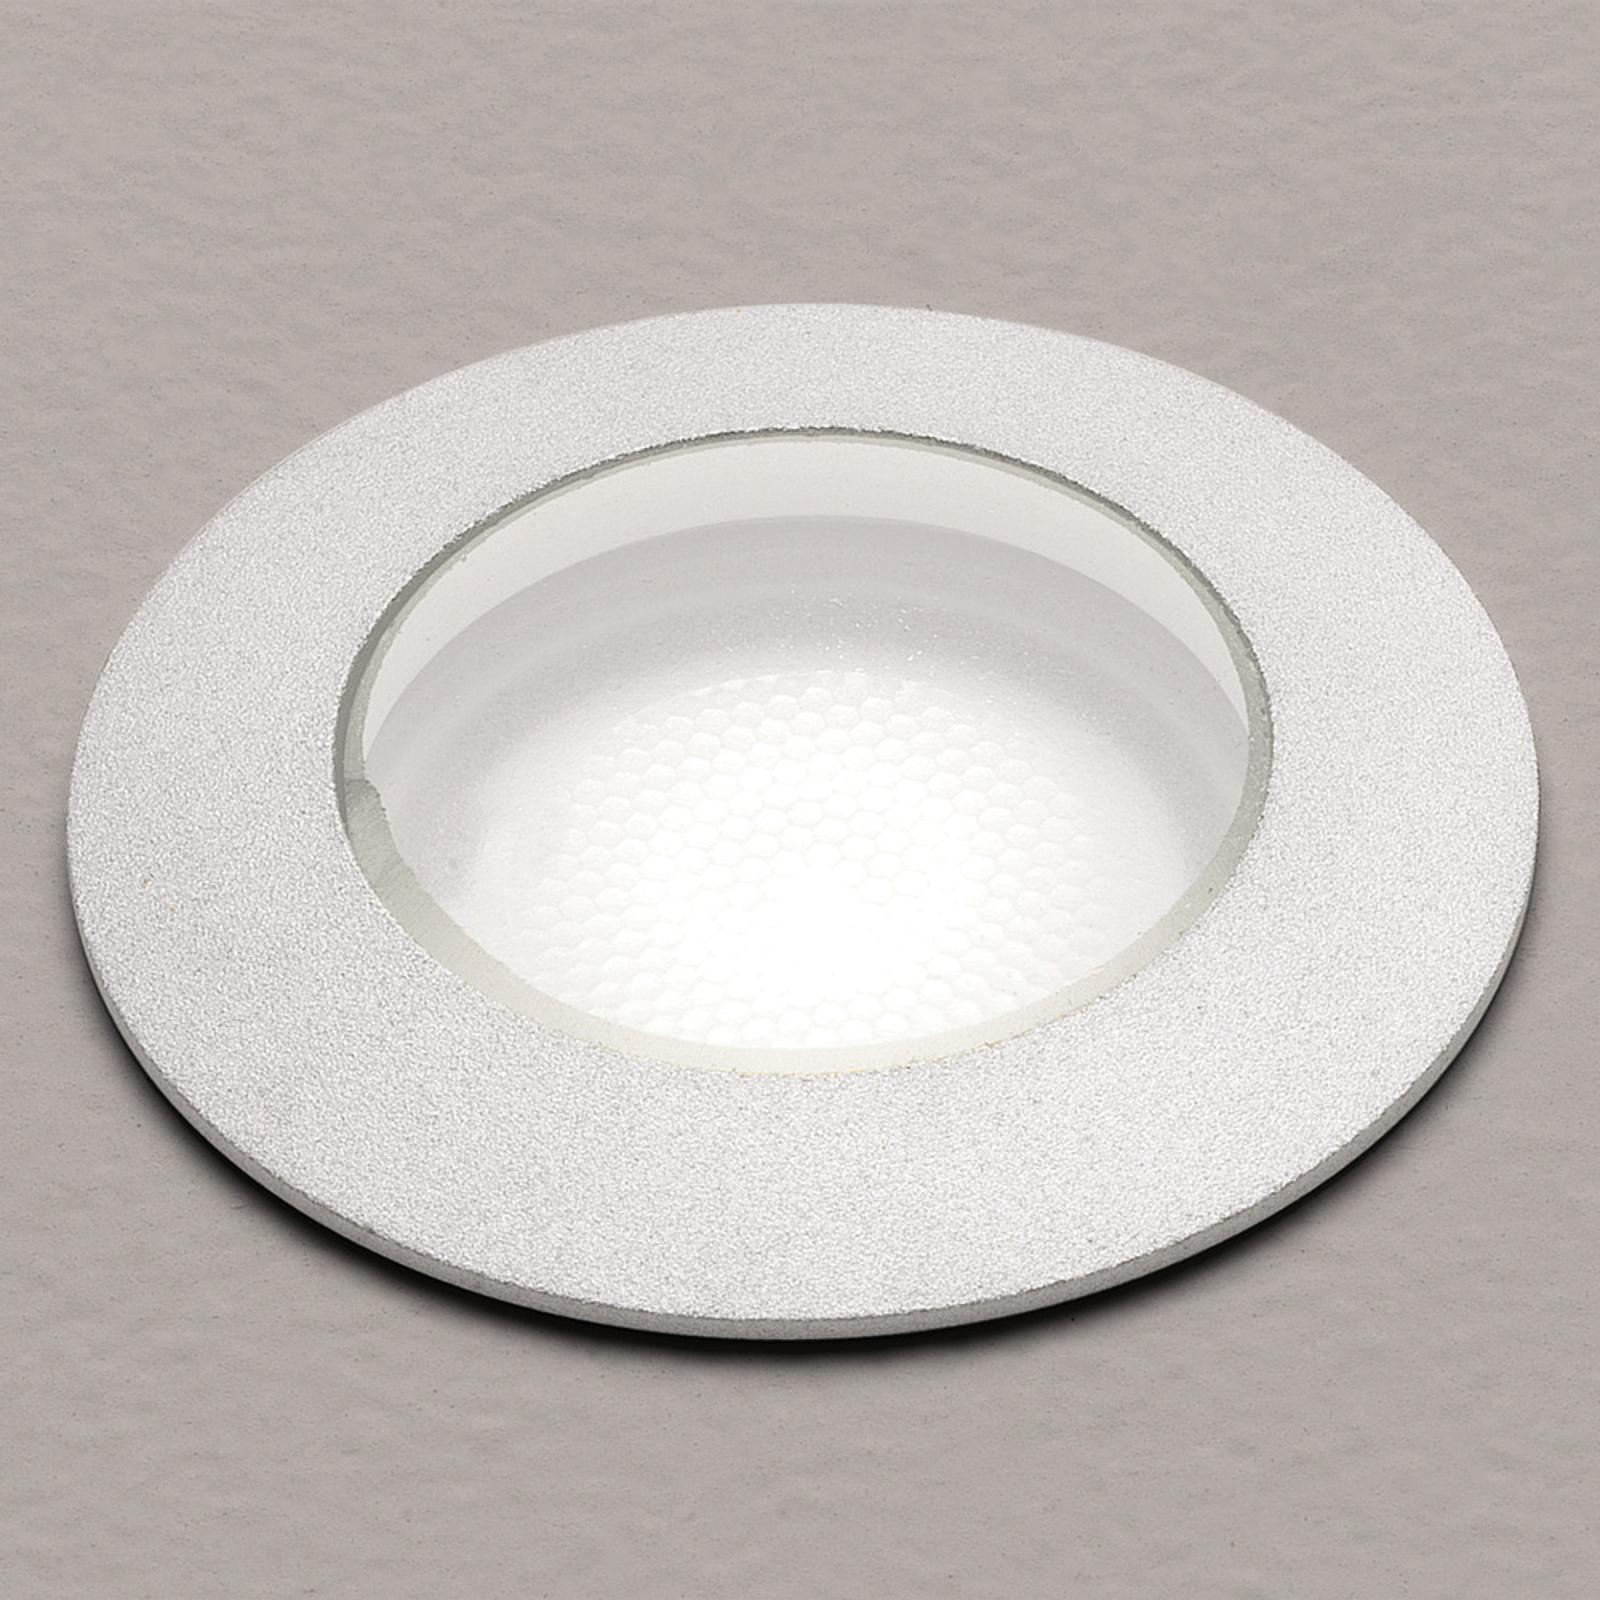 Łazienk. reflektor wpuszczany LED TERRA 42, IP67